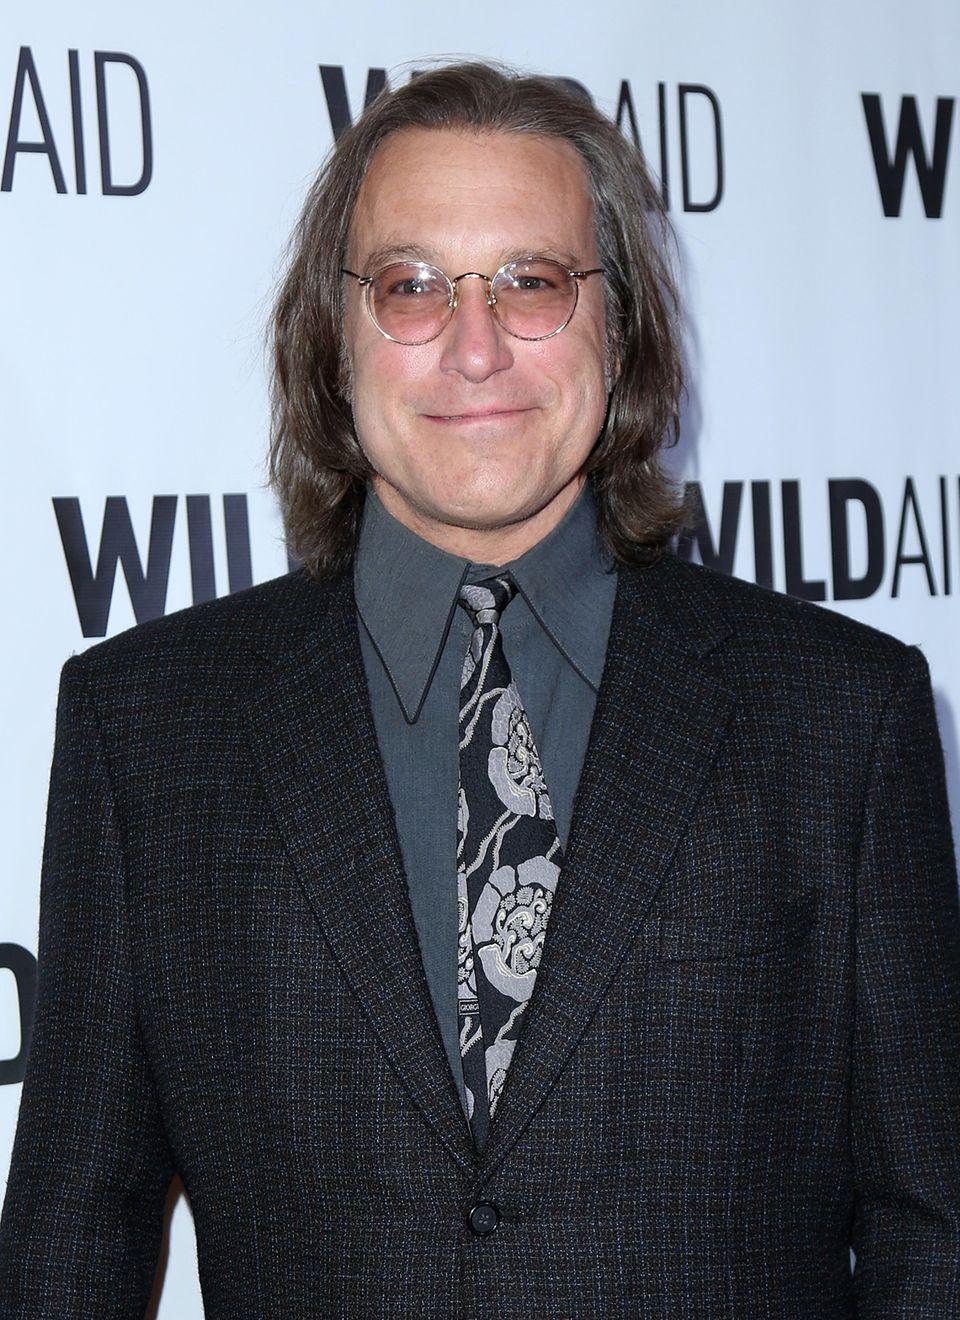 Aiden alias John Corbett hat sich optisch ganz schön verändert. Durch seine runde Brille und die ergraute Mähne, erinnert der Schauspieler an eine Mischung aus Country-Sänger und John Lennon.